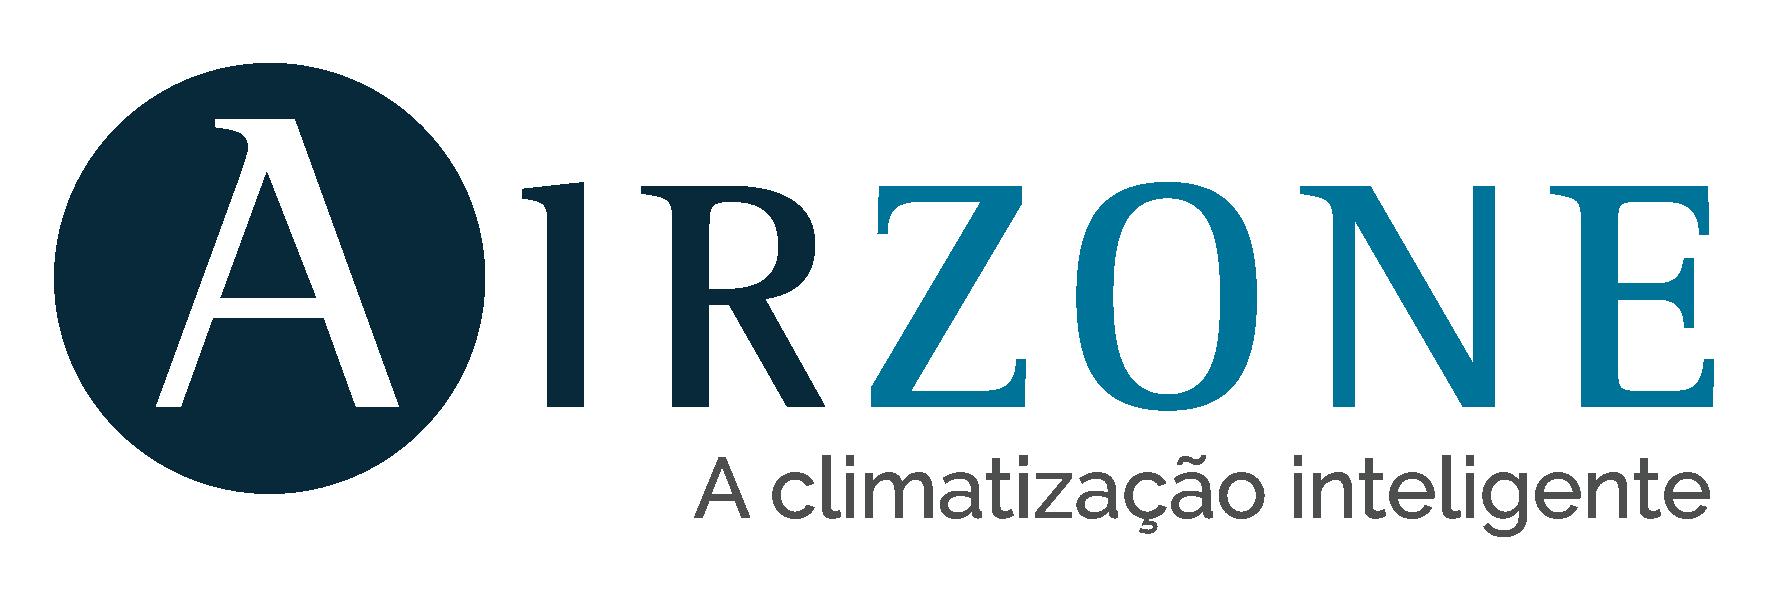 Airzone - La Climatización Inteligente